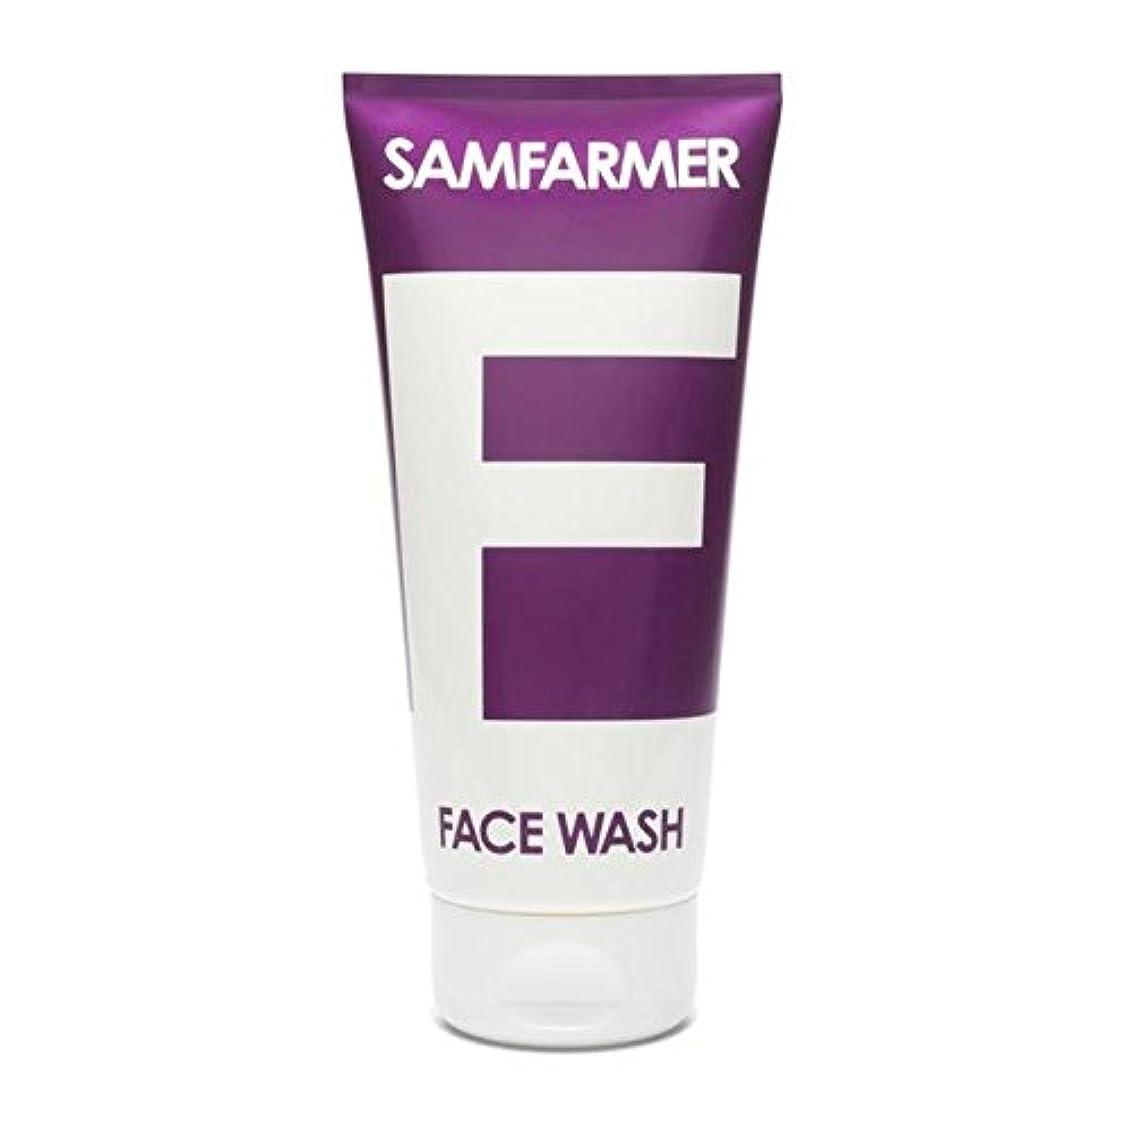 不誠実メイド印象的なSAMFARMER Unisex Face Wash 200ml (Pack of 6) - ユニセックスフェイスウォッシュ200ミリリットル x6 [並行輸入品]